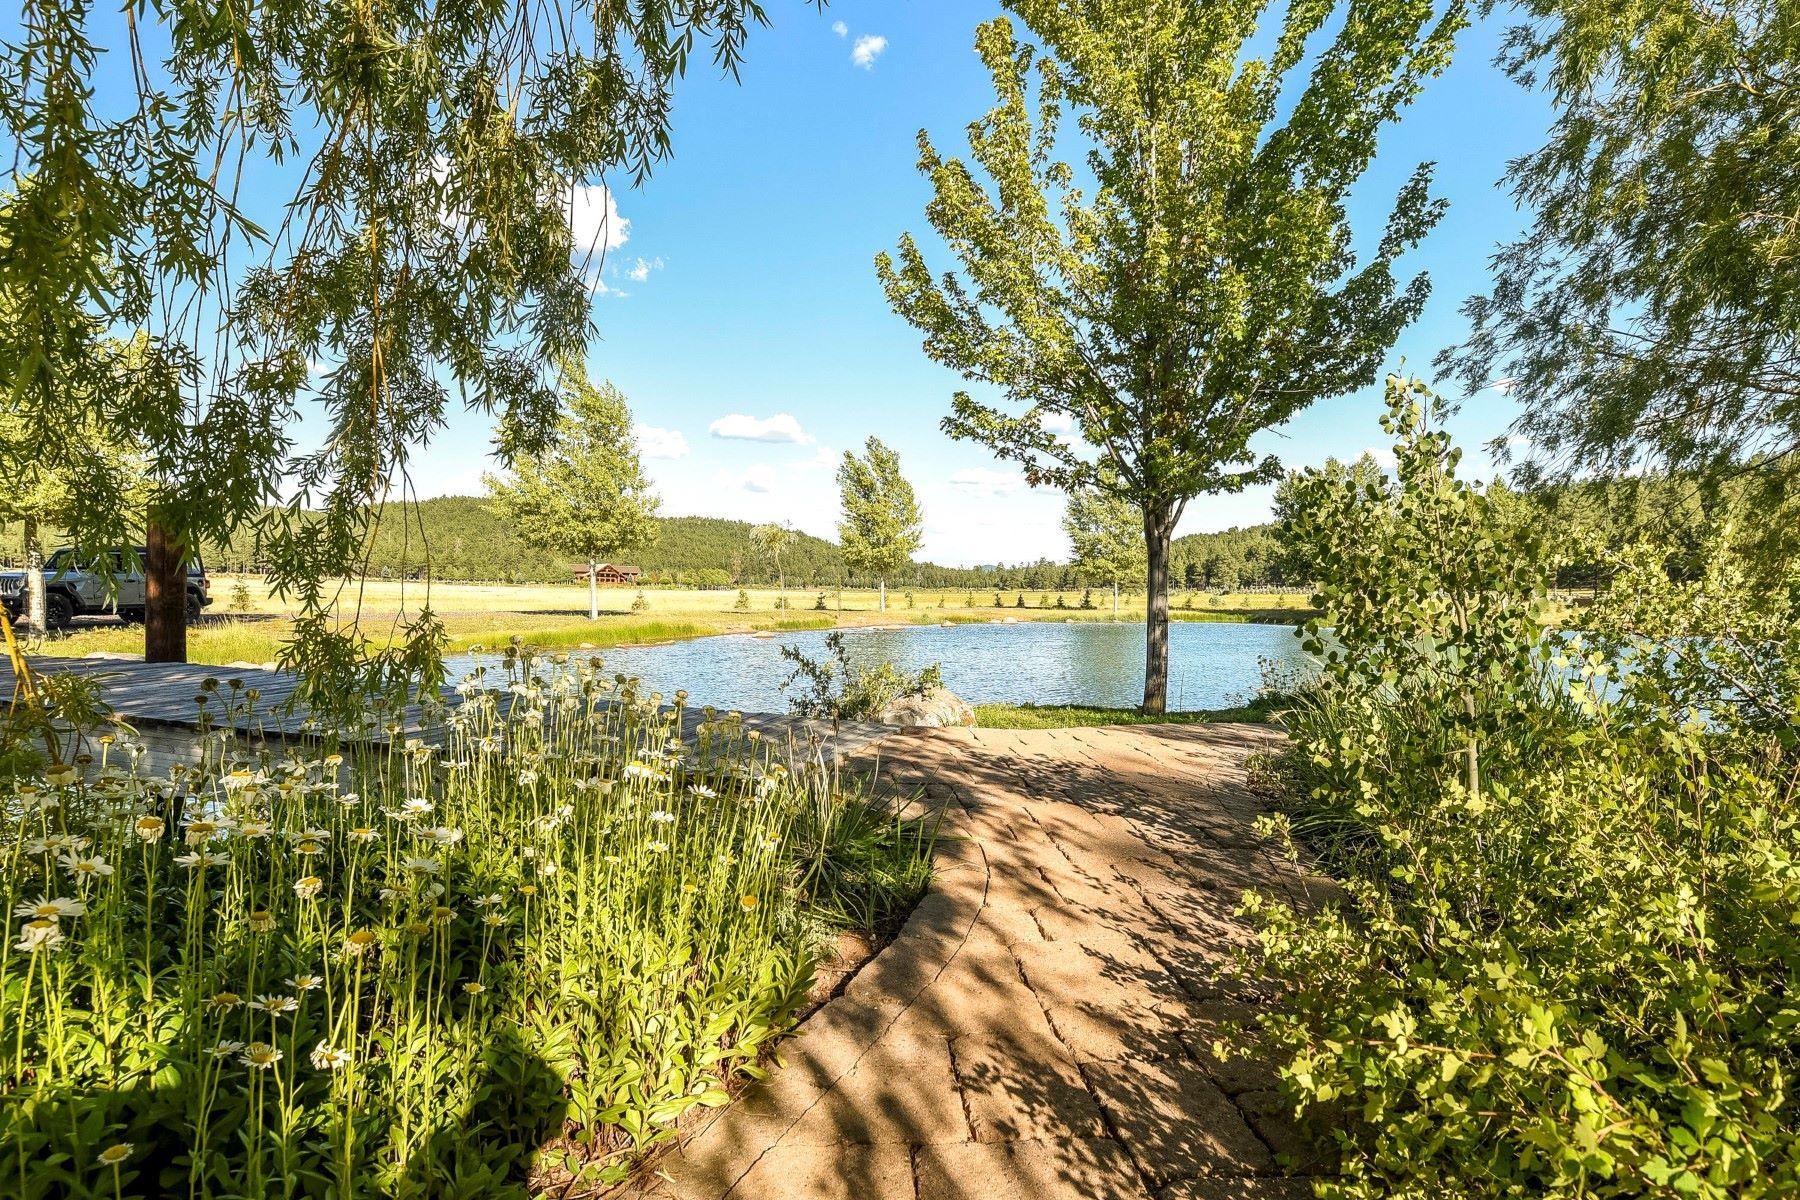 土地,用地 为 销售 在 Foxboro 318 W Ava J CIR 30 Munds Park, 亚利桑那州 86017 美国